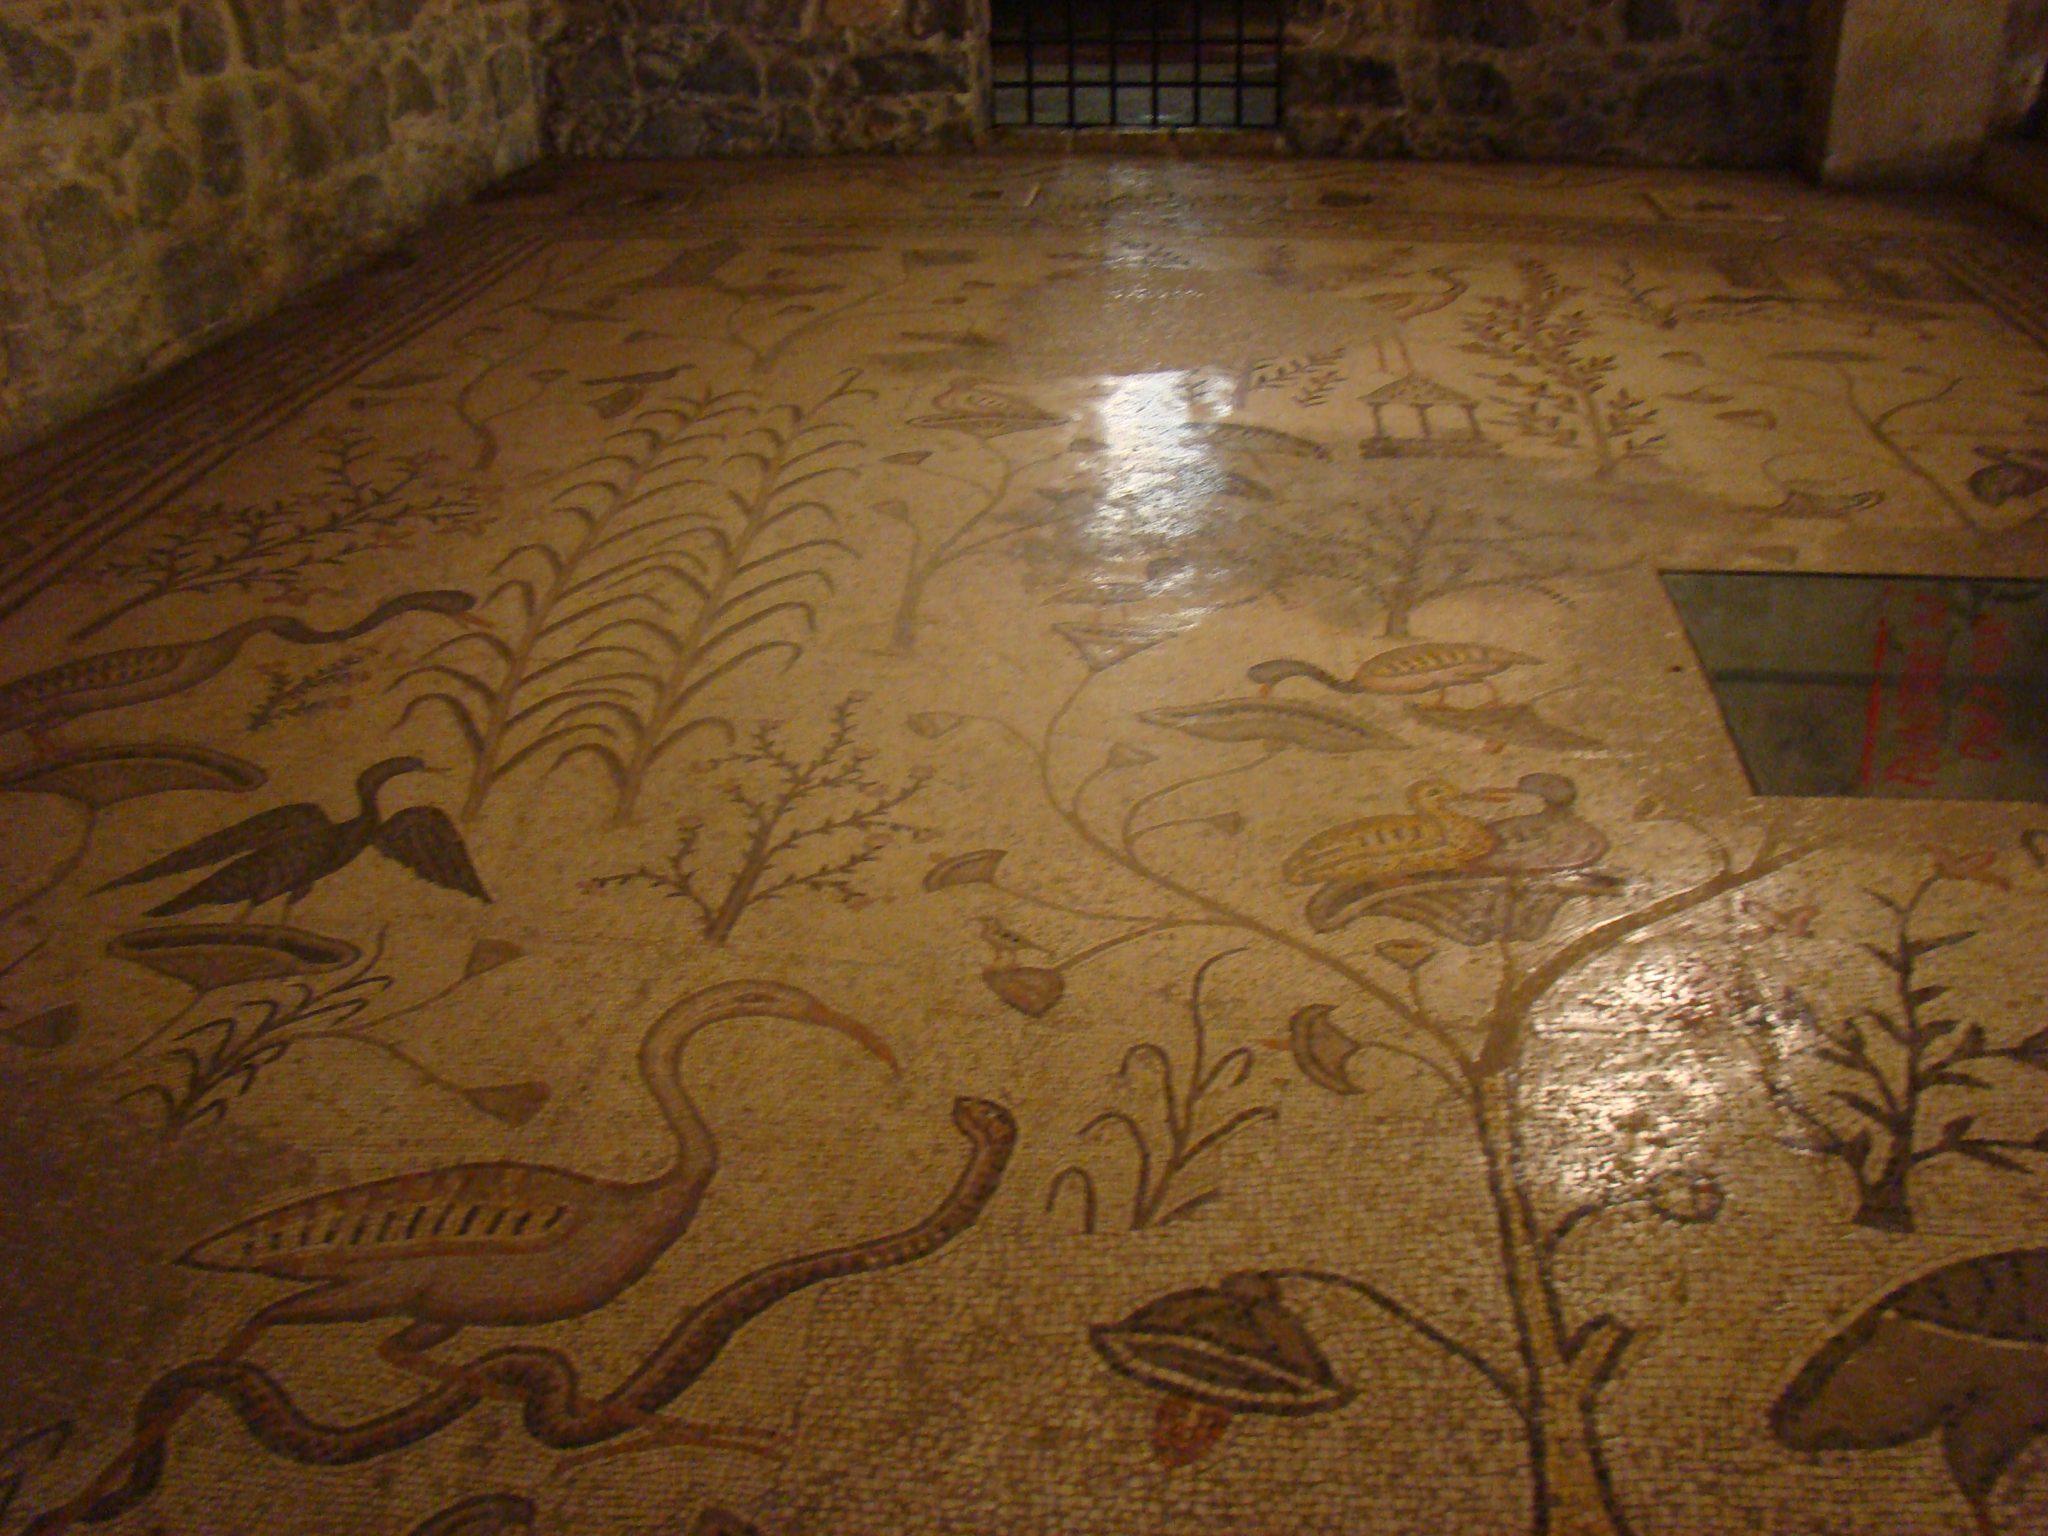 פסיפס הנילוס בכנסיית הלחם והדגים, טיילת הבשורה בצפון הכינרת